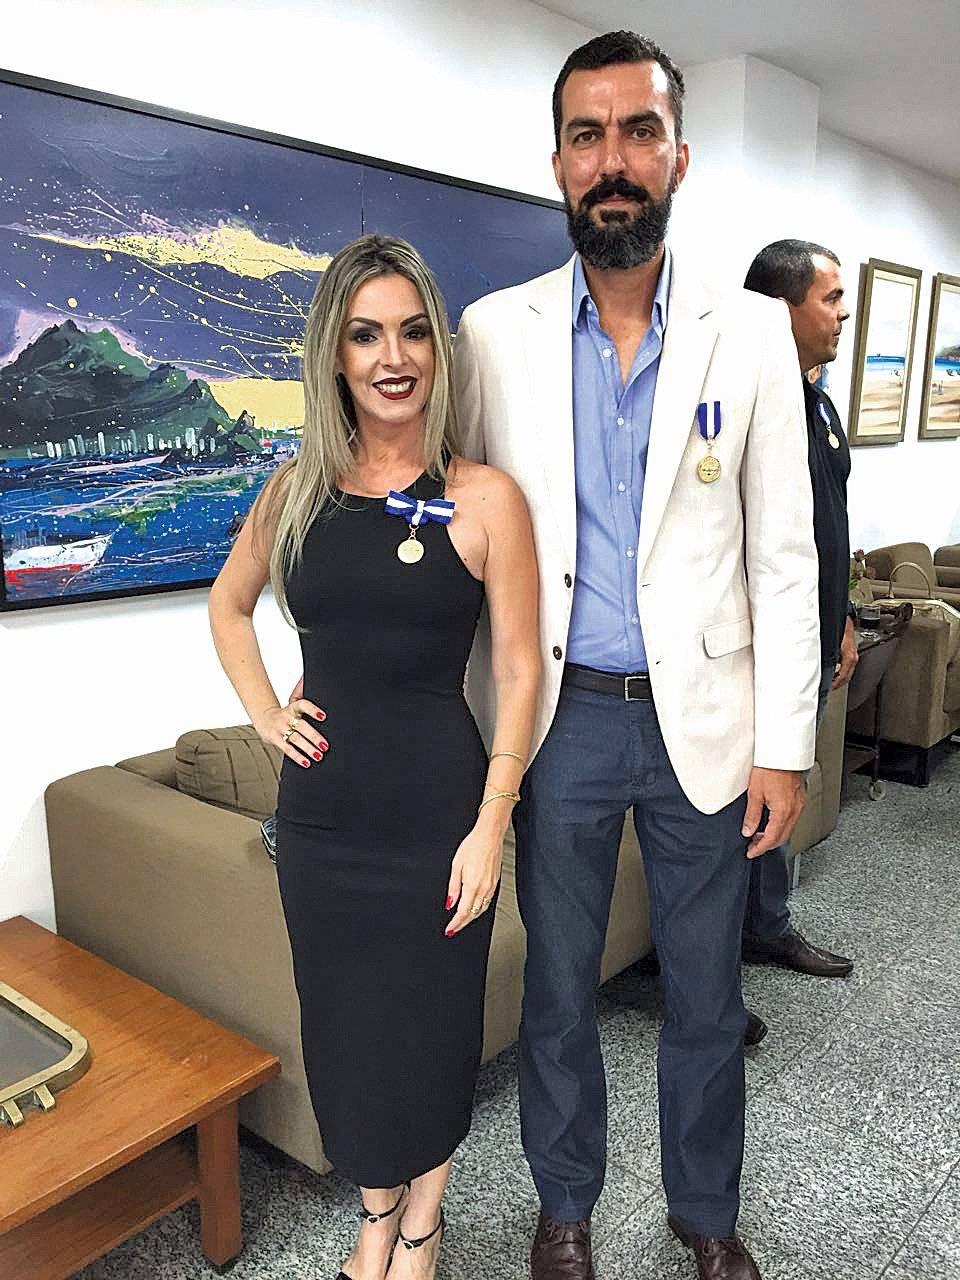 Ana Luiza Freitas e Emerson Souza